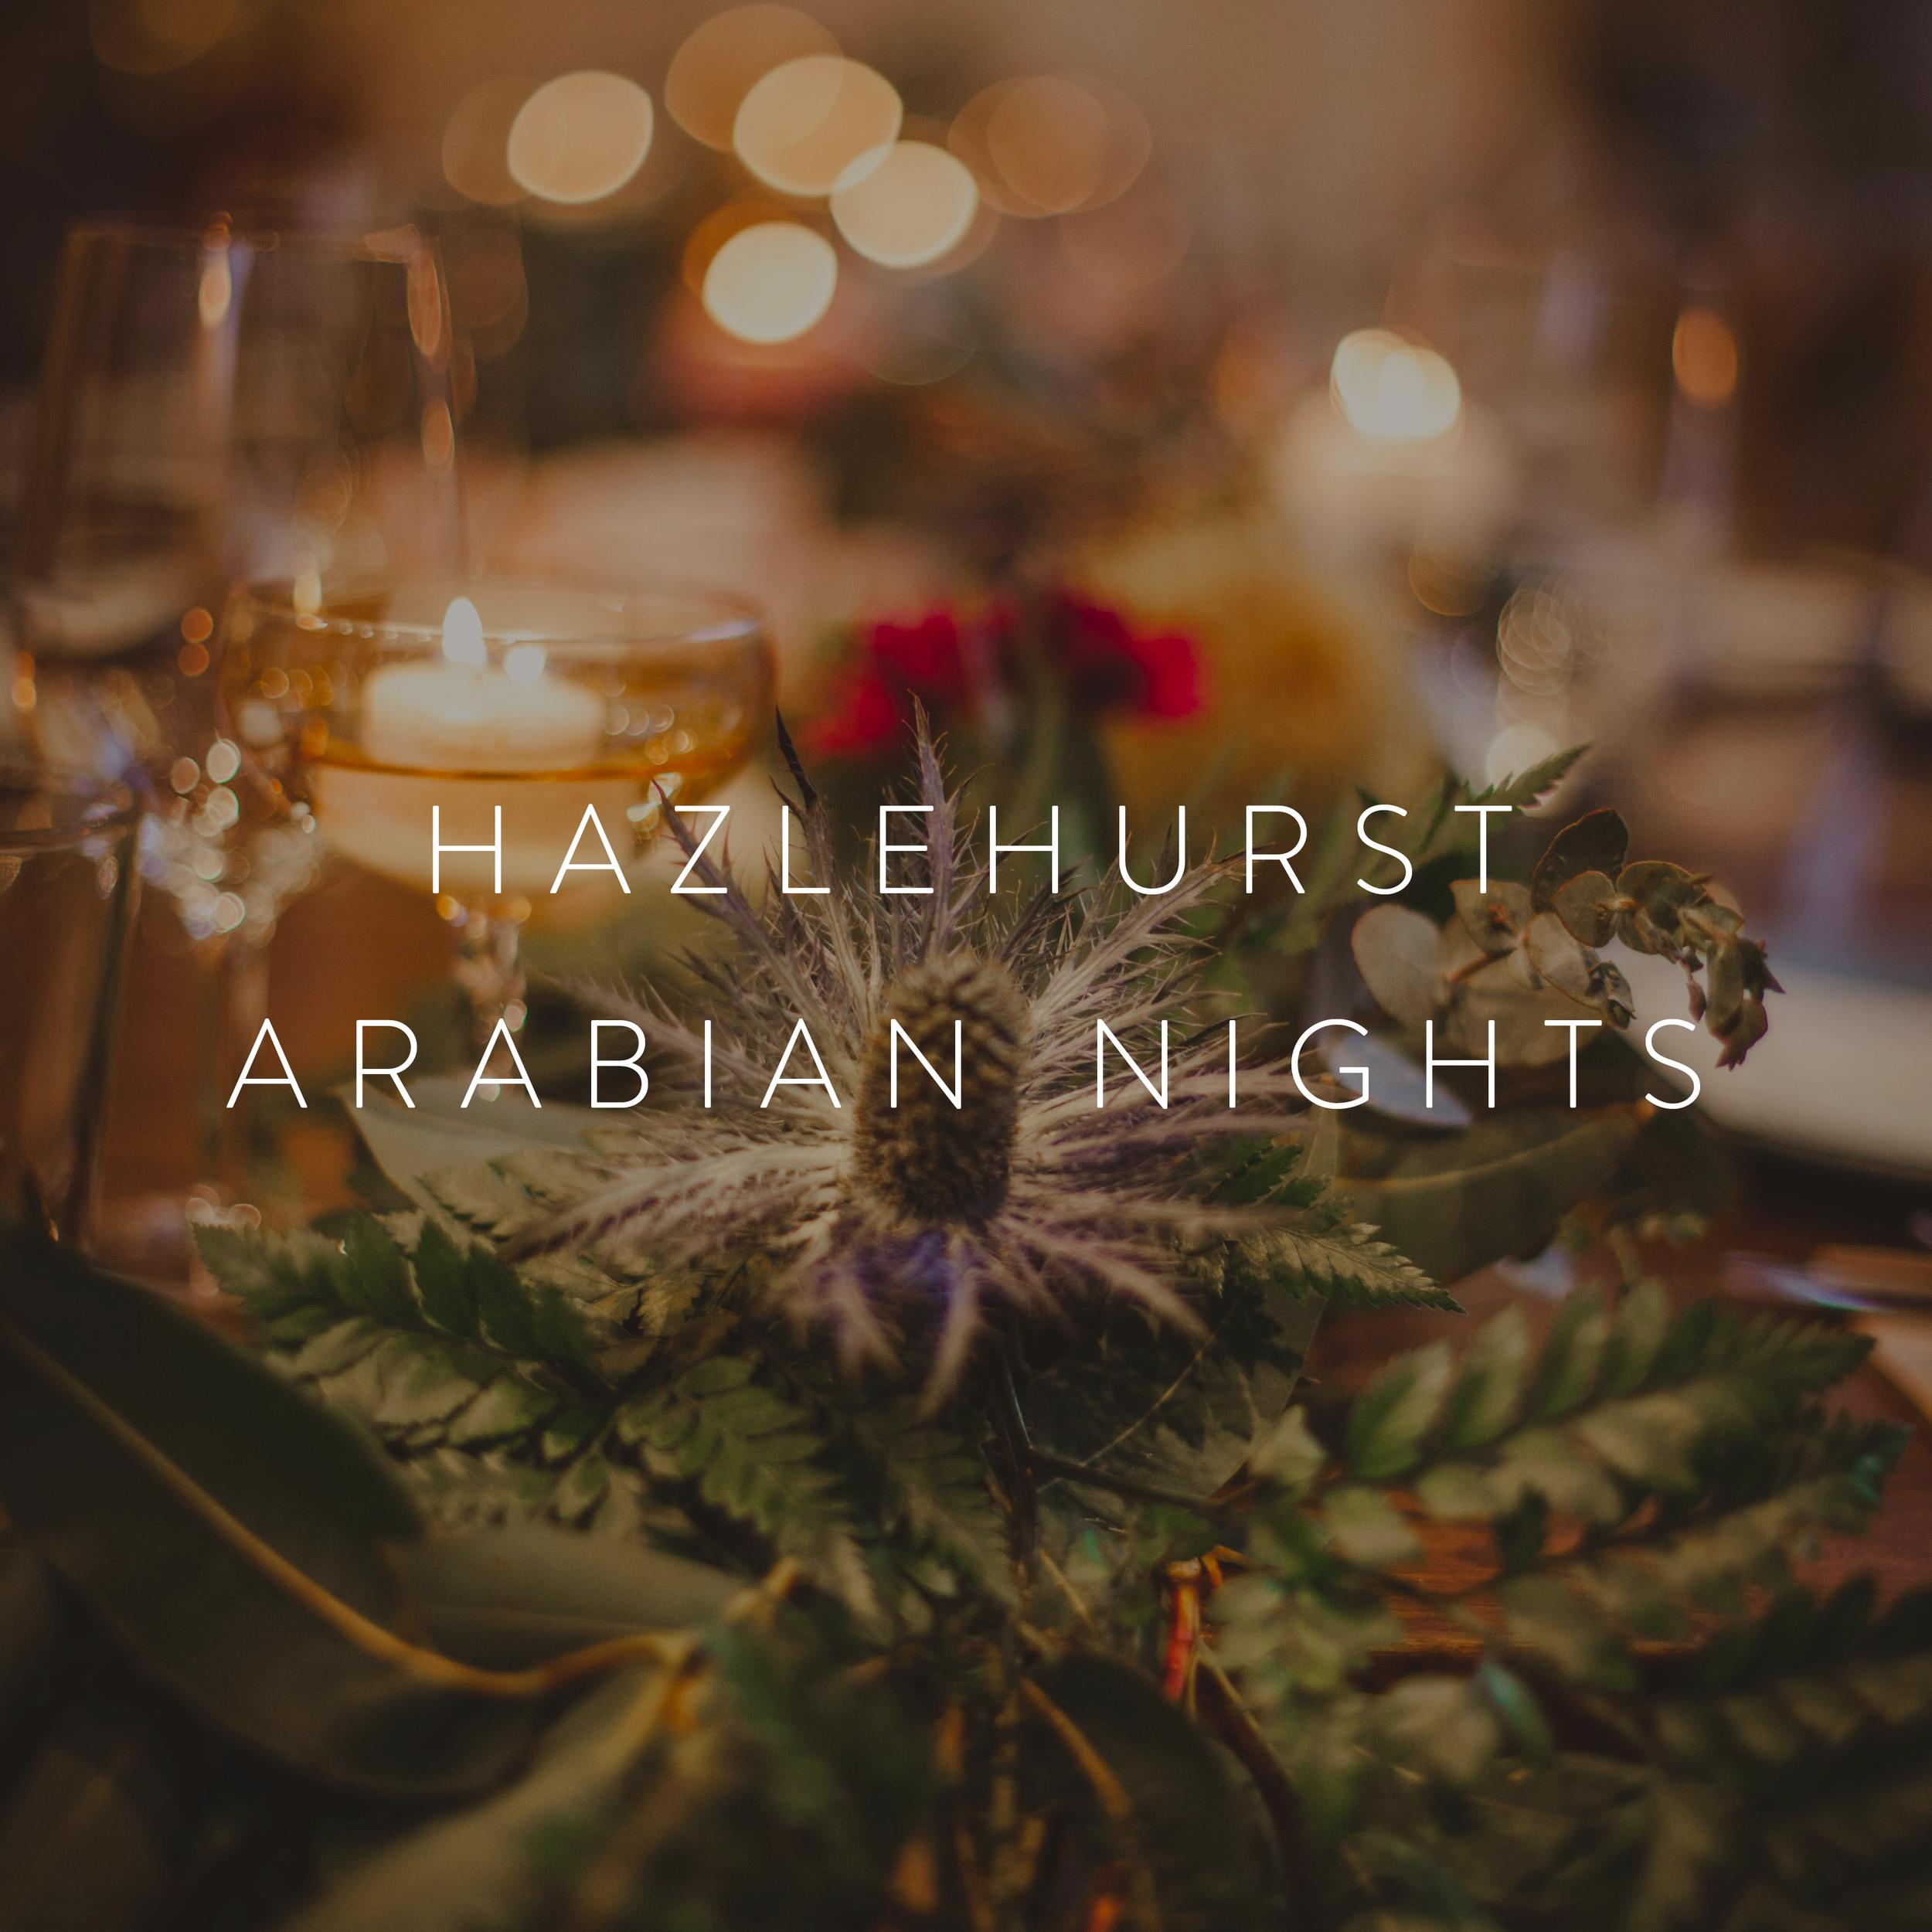 Hazlehurst Arabian Nights